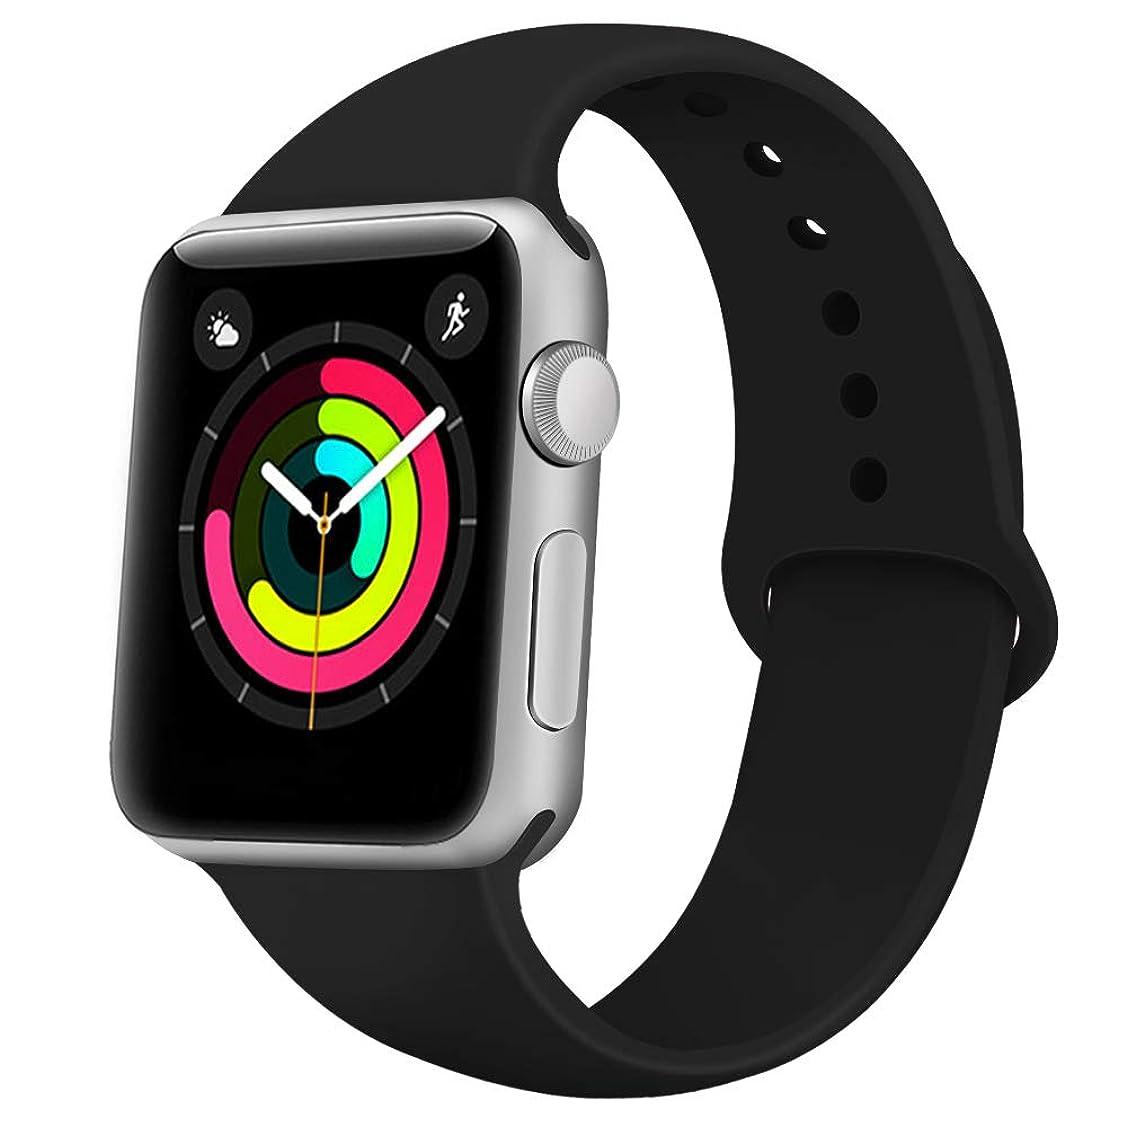 個人的に純正ばかげたApple Watch バンド 全機種対応 コンパチブル おしゃれ アップルウォッチバンド ソフトシリコン 交換ベルド